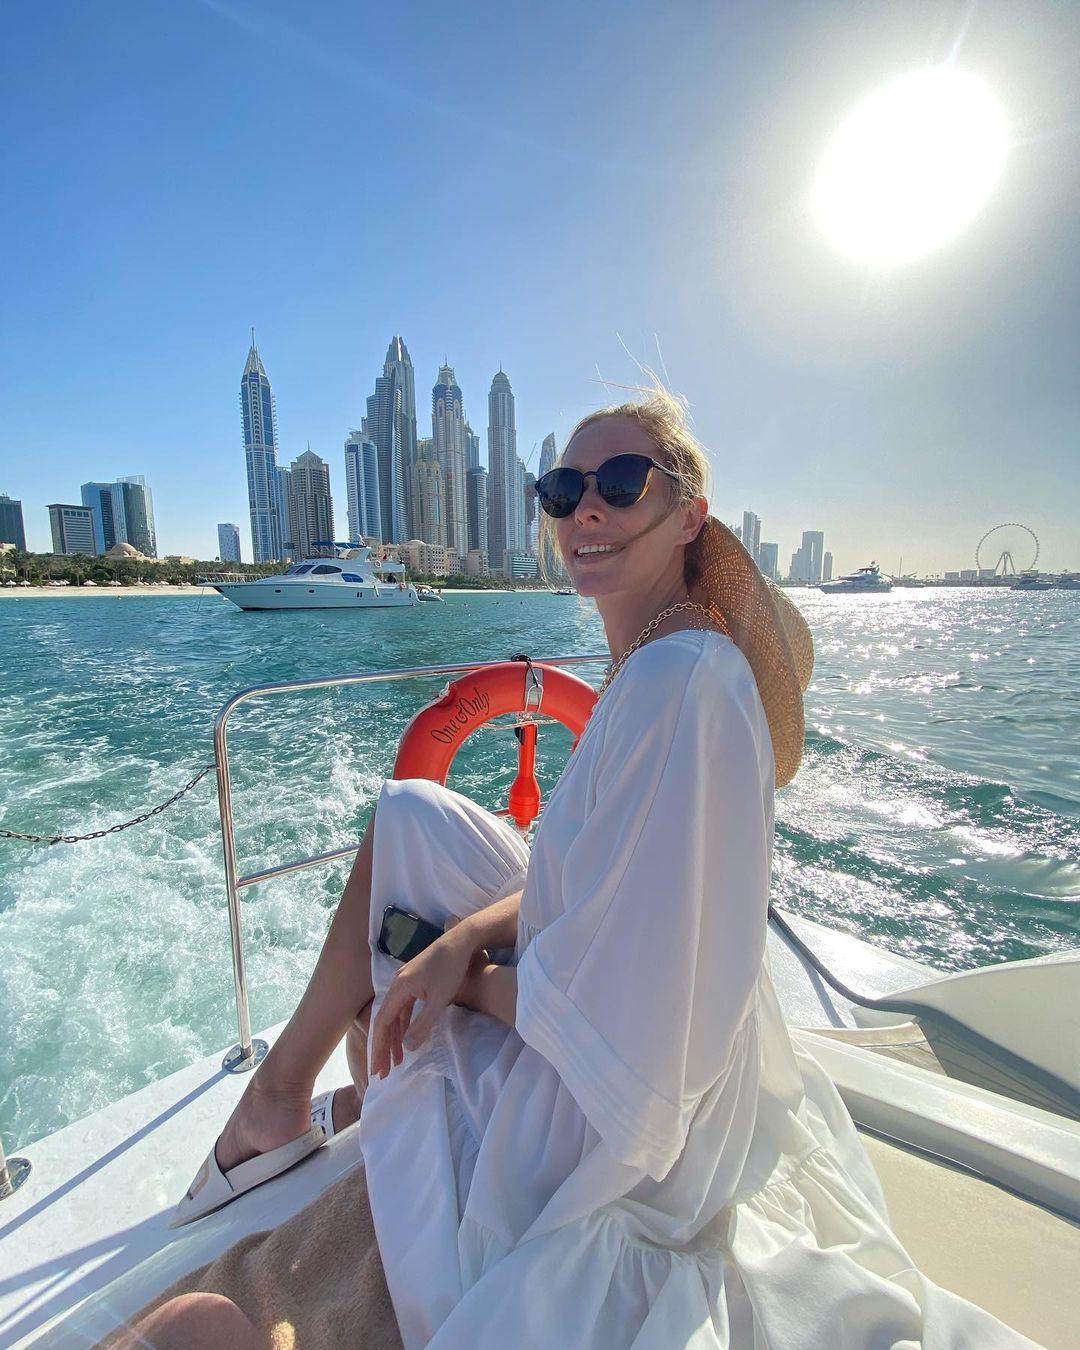 Прогулки на яхте и selfie над мегаполисом: Катя Осадчая и Юрий Горбунов отдыхают в Дубае